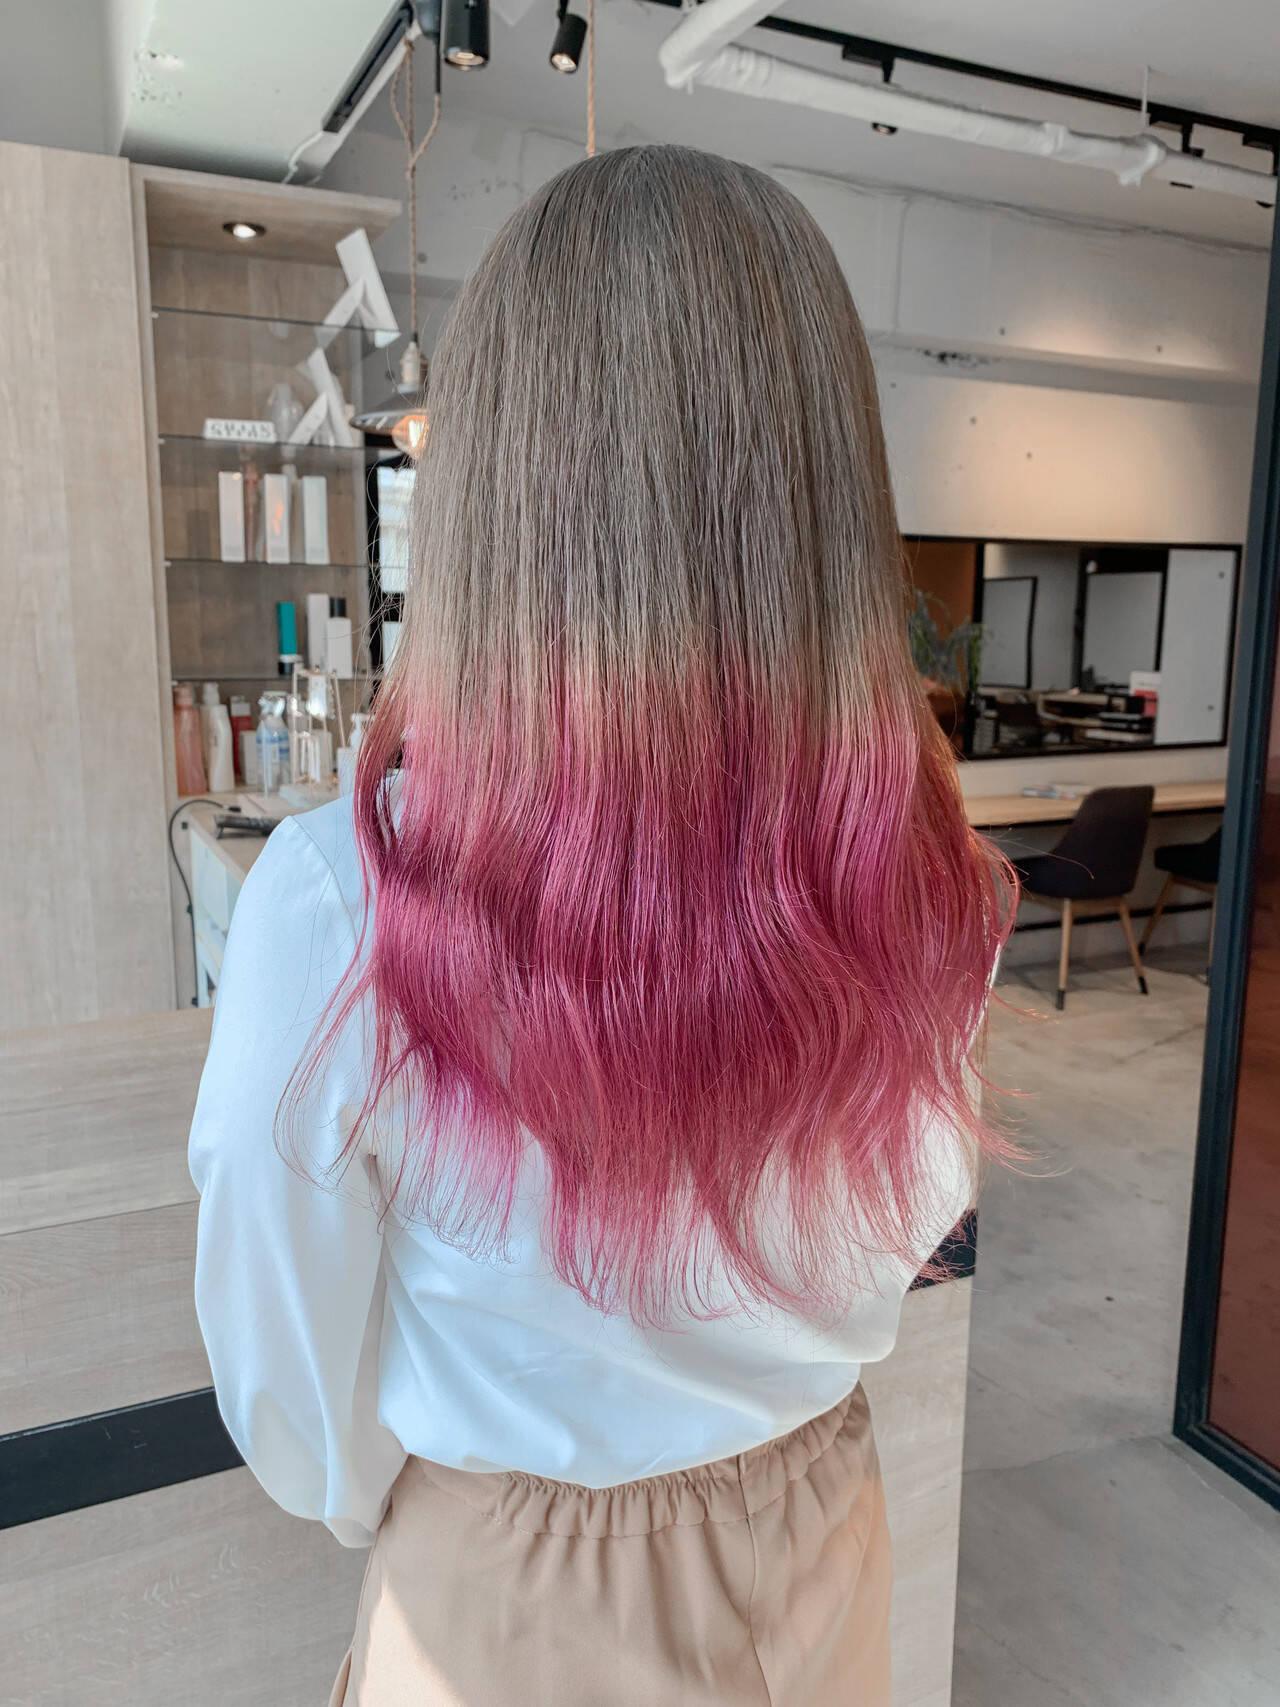 ガーリー 透明感カラー ロング ミルクティーベージュヘアスタイルや髪型の写真・画像